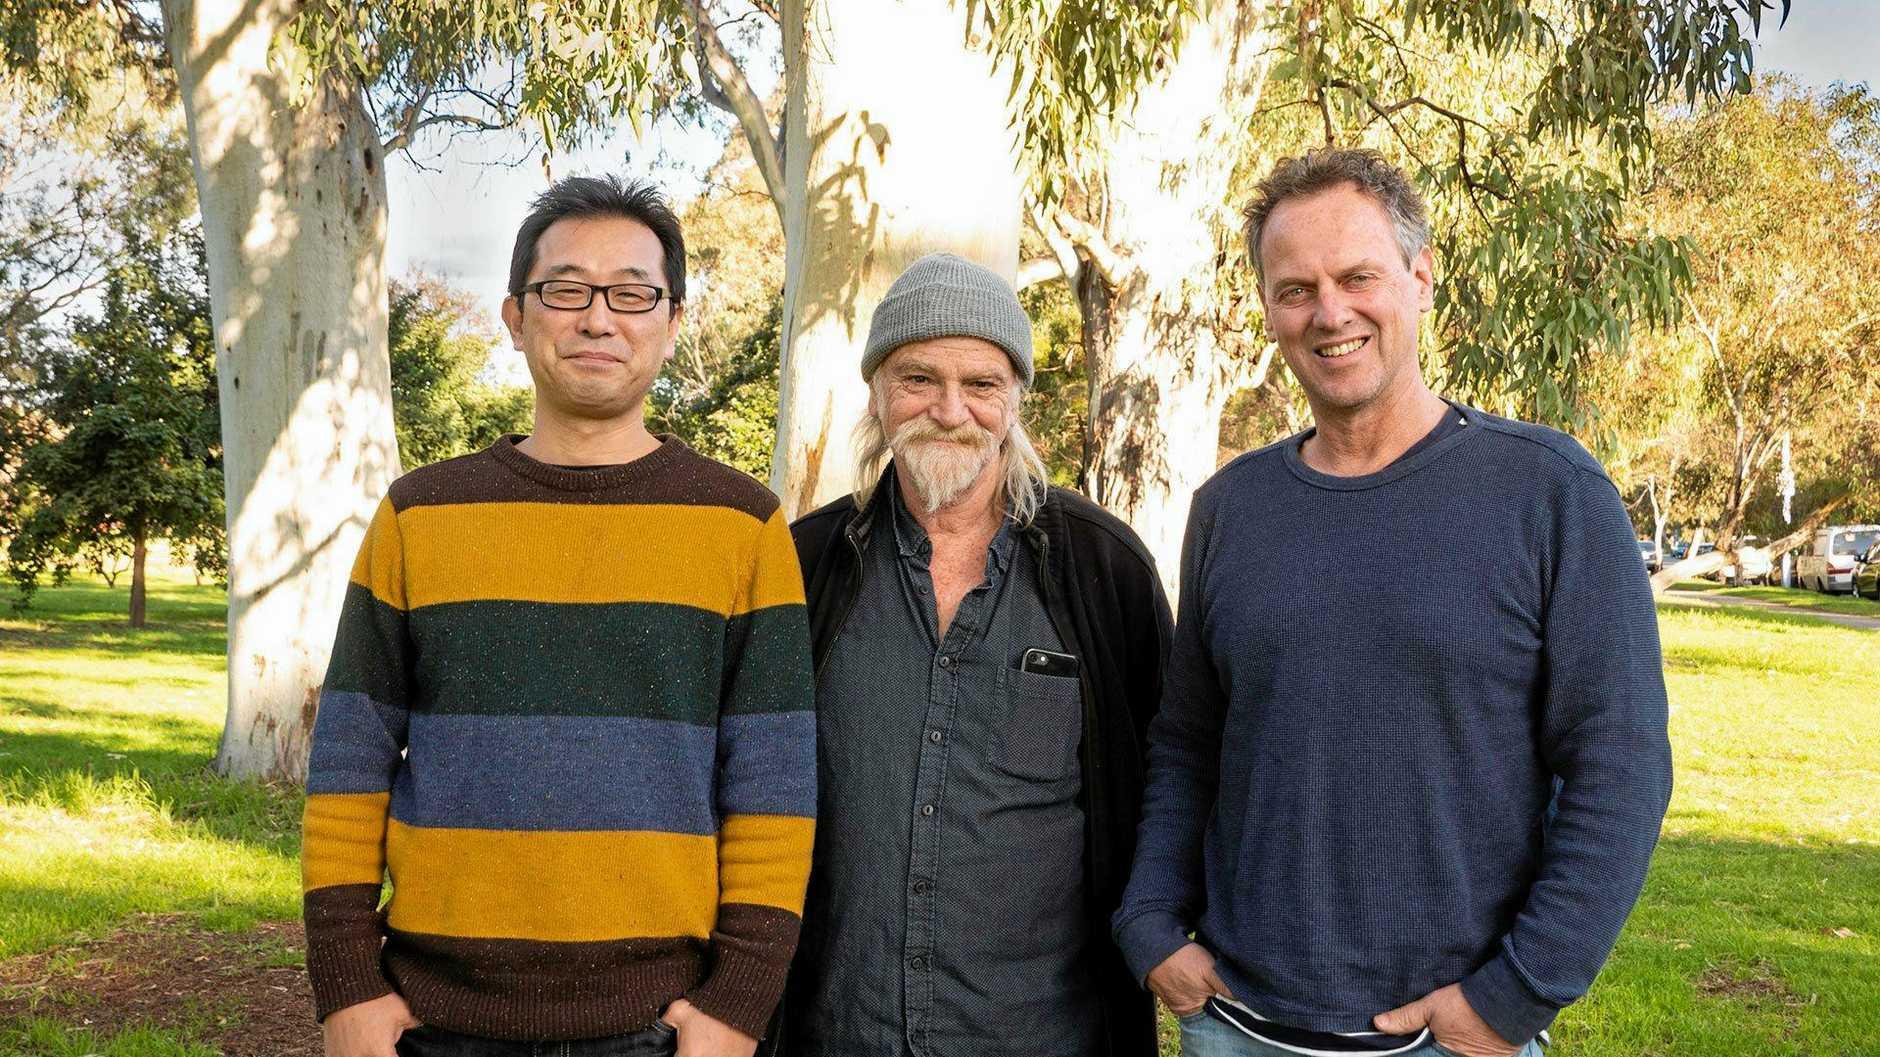 JC Shin, Adrian Adams and Neil Mackenzie